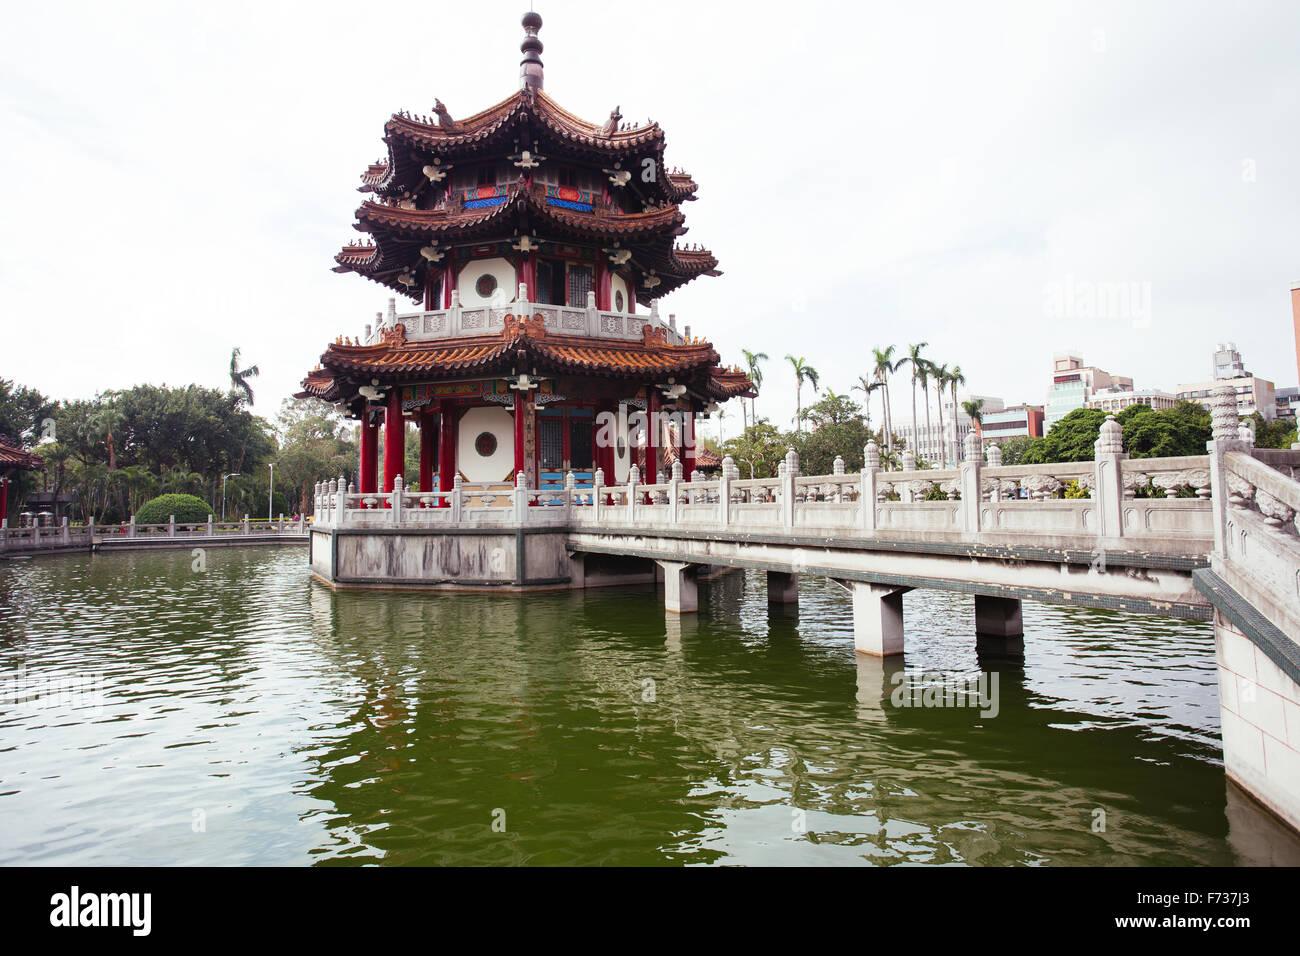 Pabellón de Taipei Taiwán park Imagen De Stock